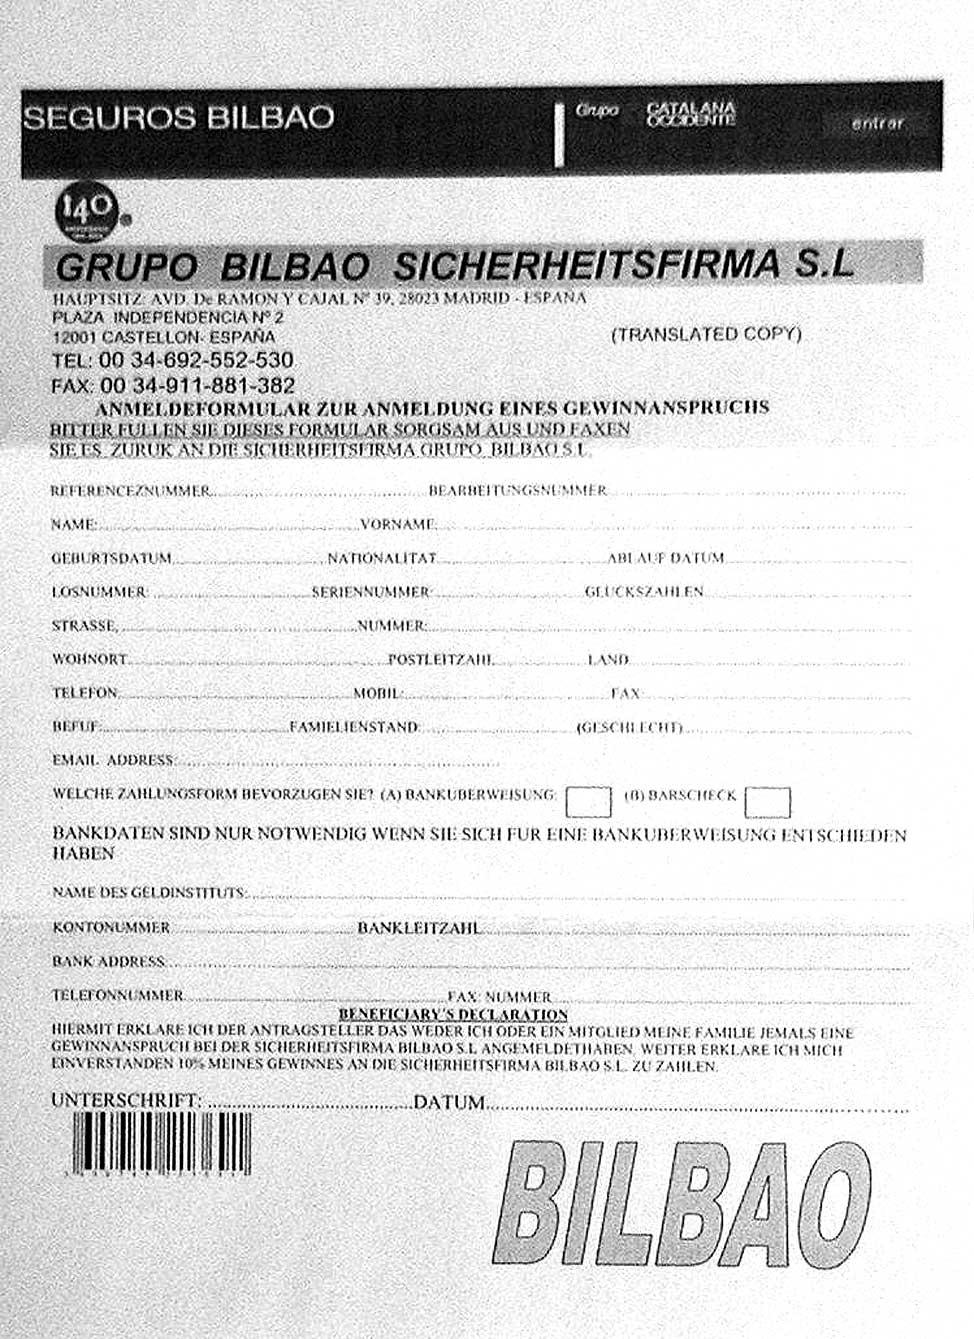 spanische lotterie gewinnbenachrichtigung